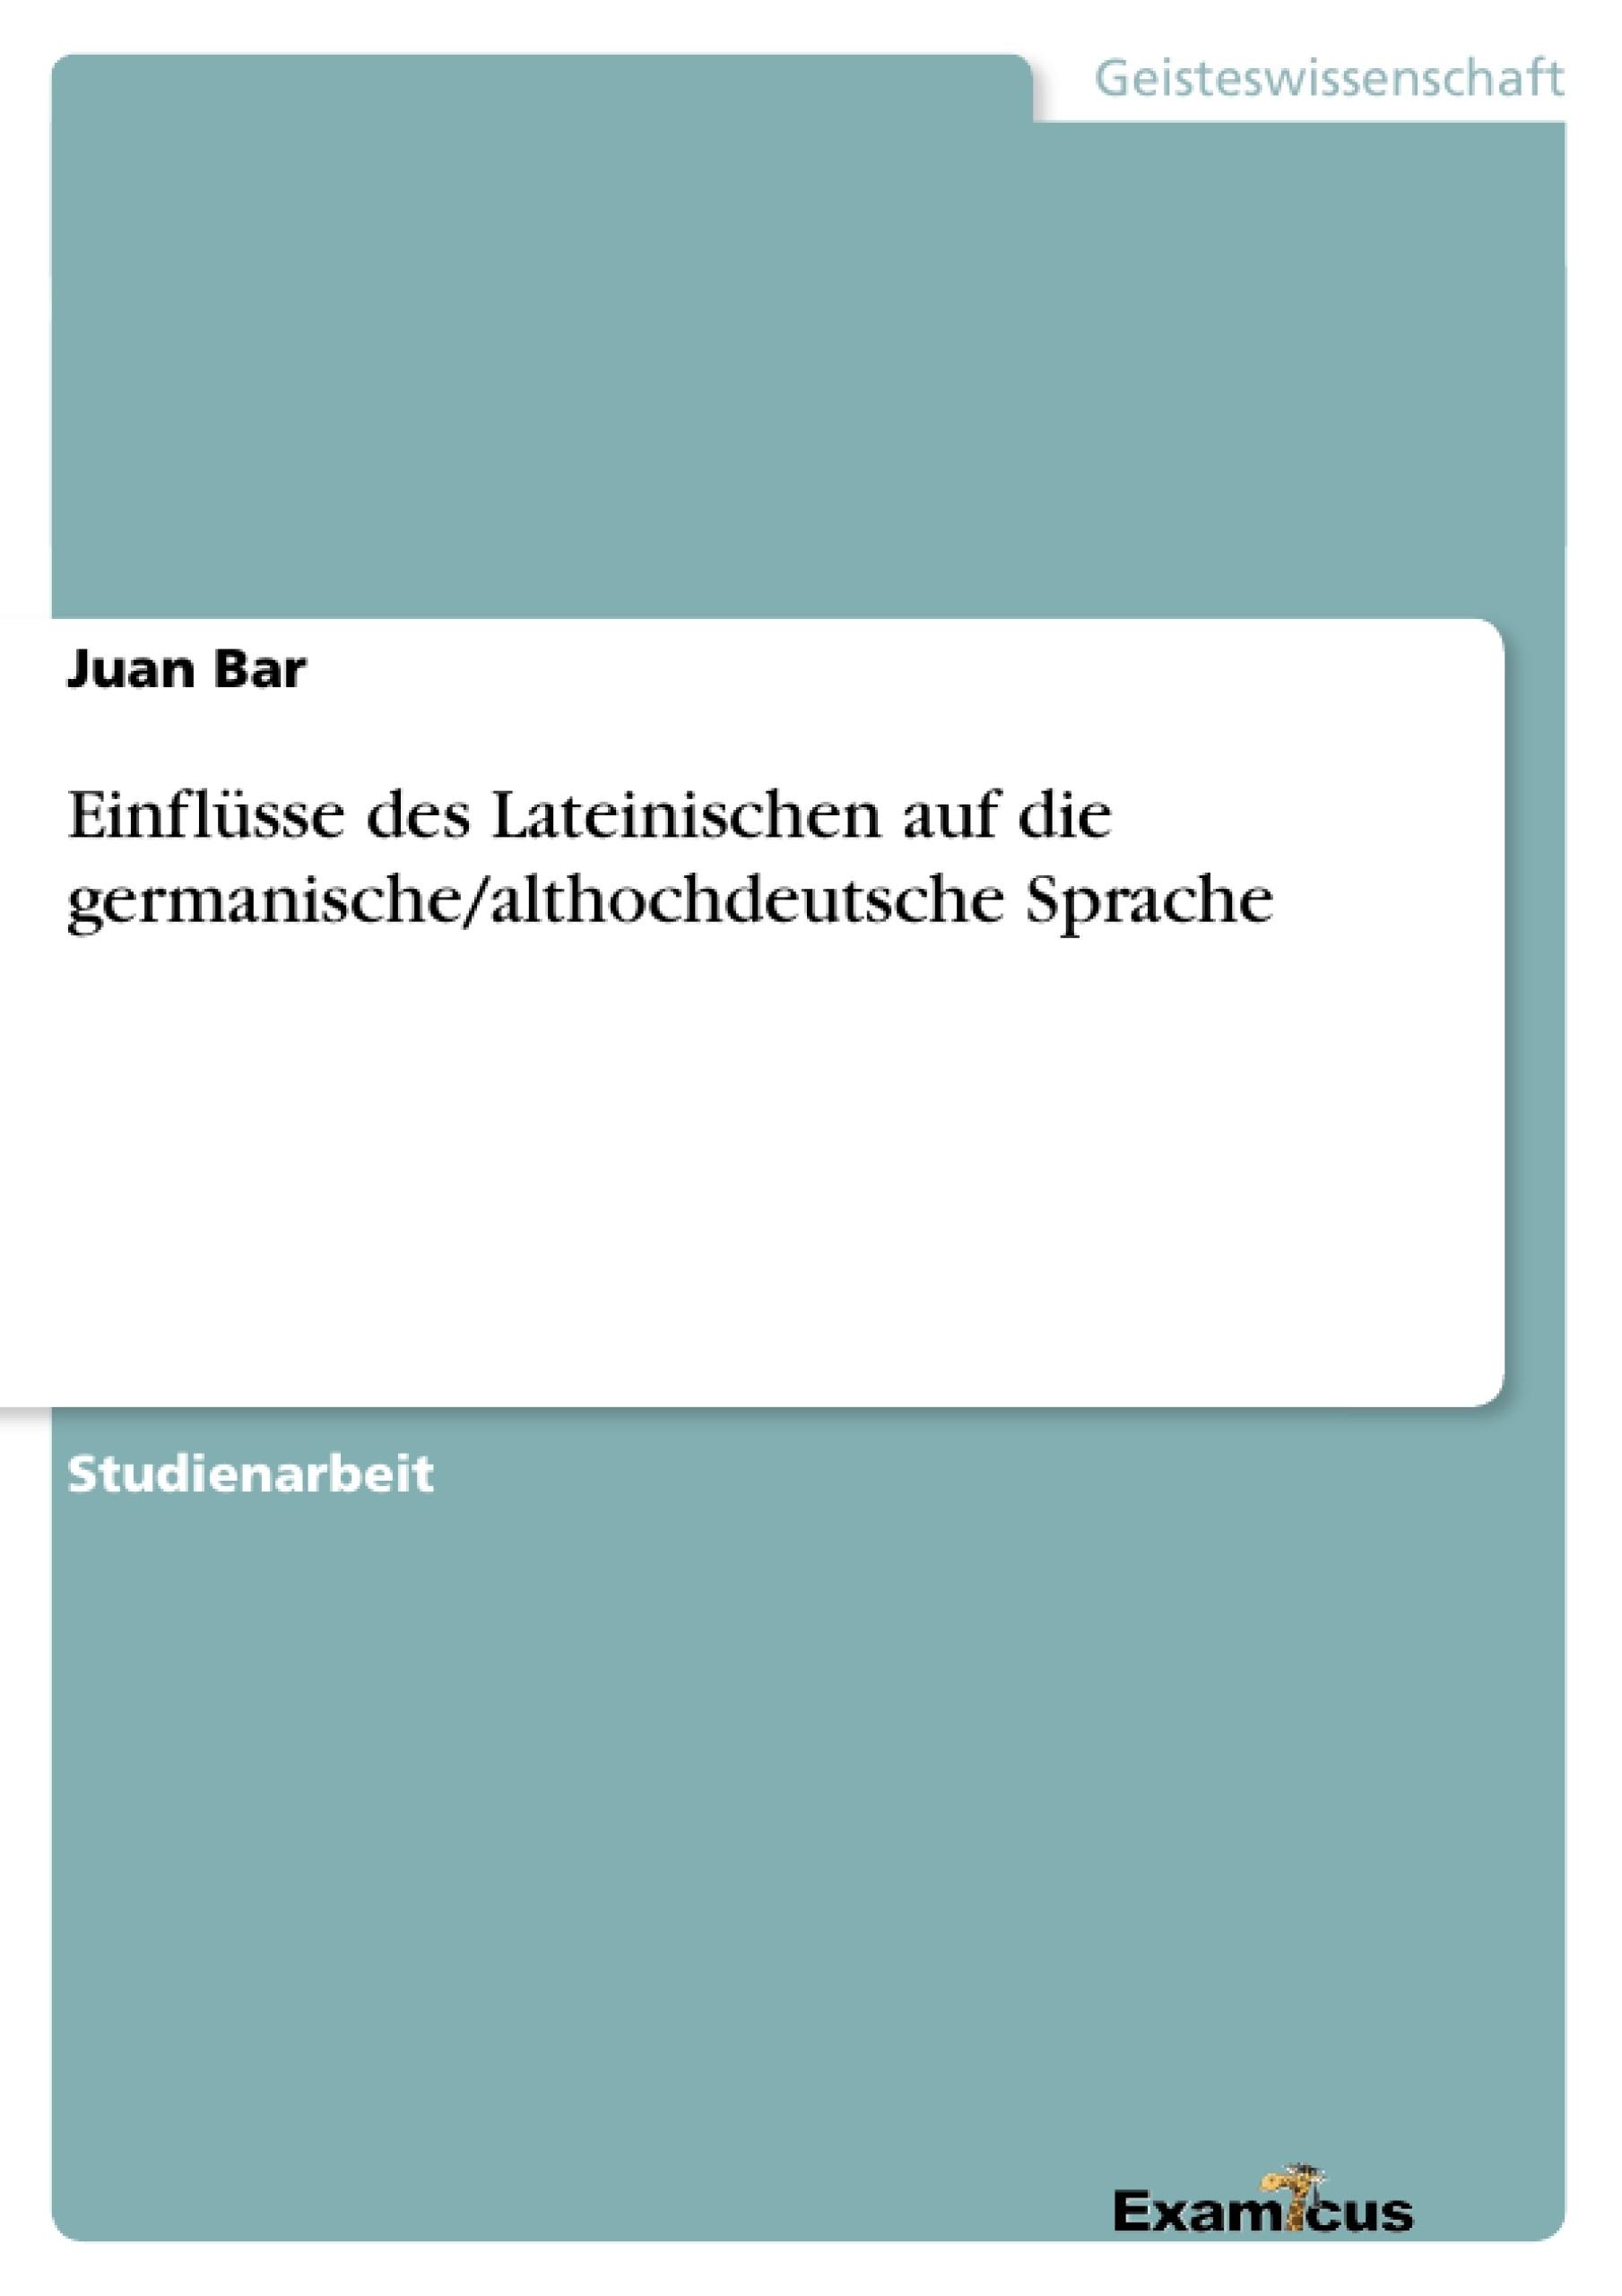 Titel: Einflüsse des Lateinischen auf die germanische/althochdeutsche Sprache